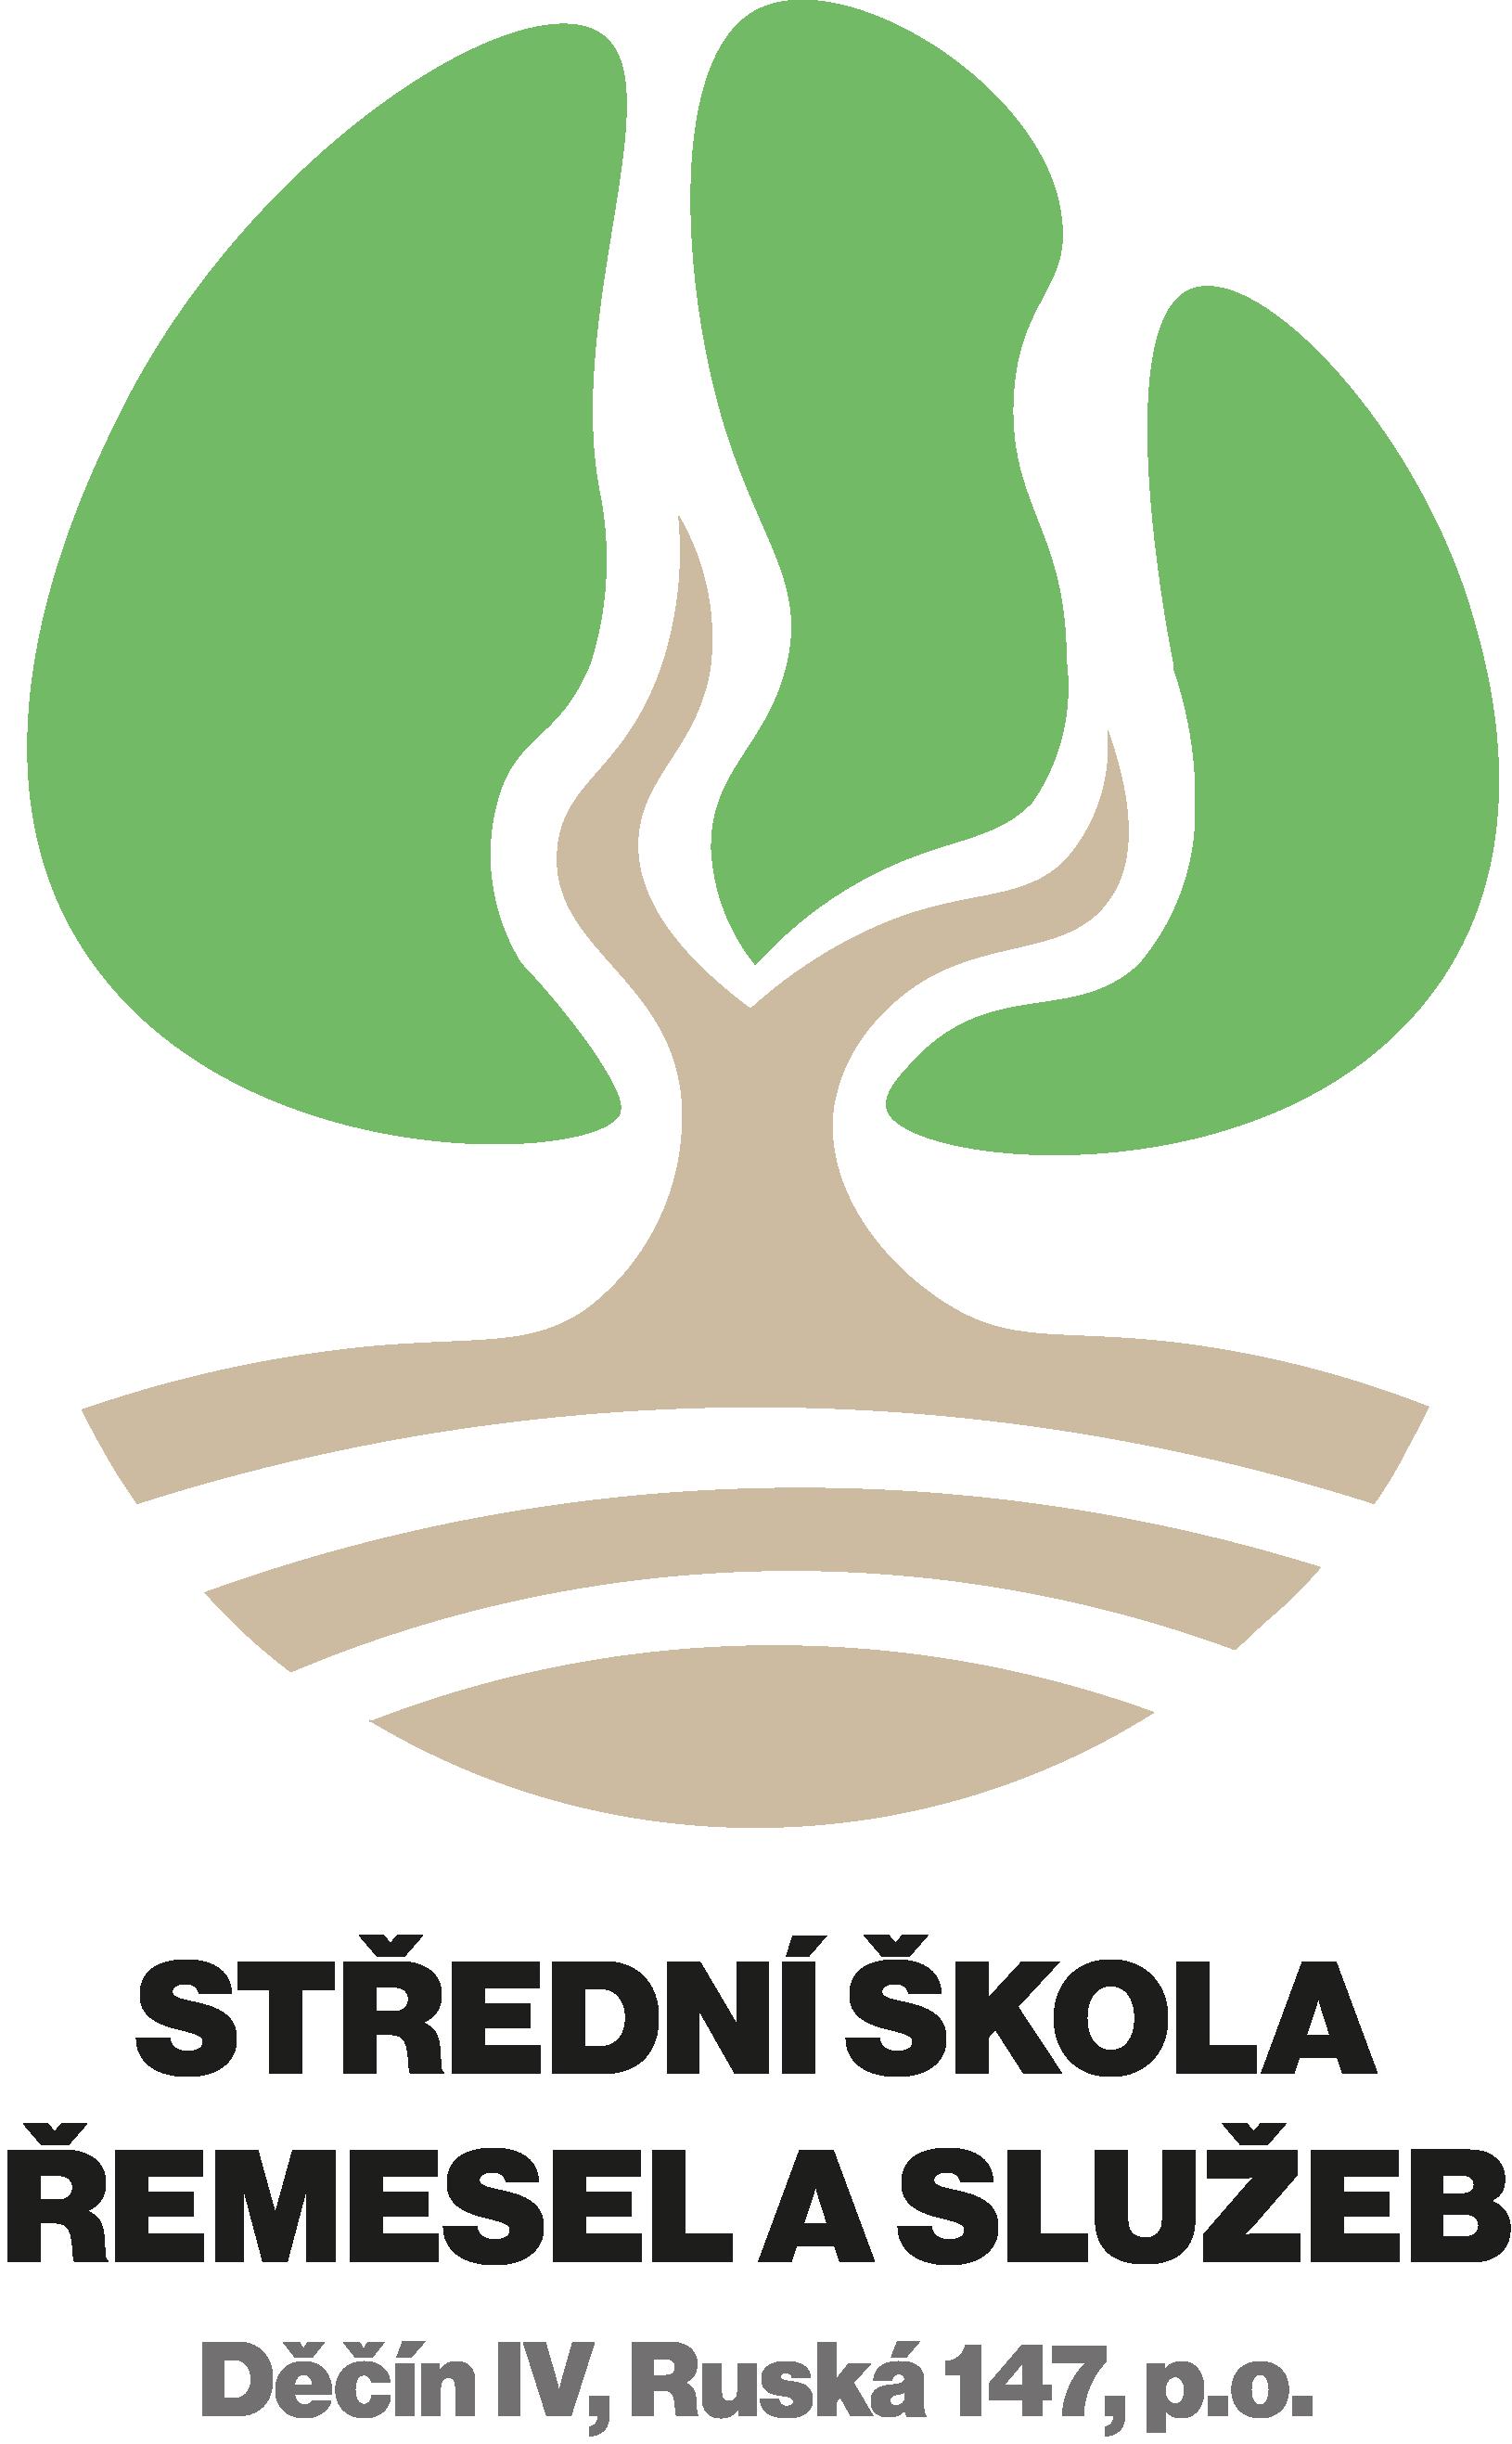 Střední škola řemesel a služeb, Děčín IV, Ruská 147, příspěvková organizace logo